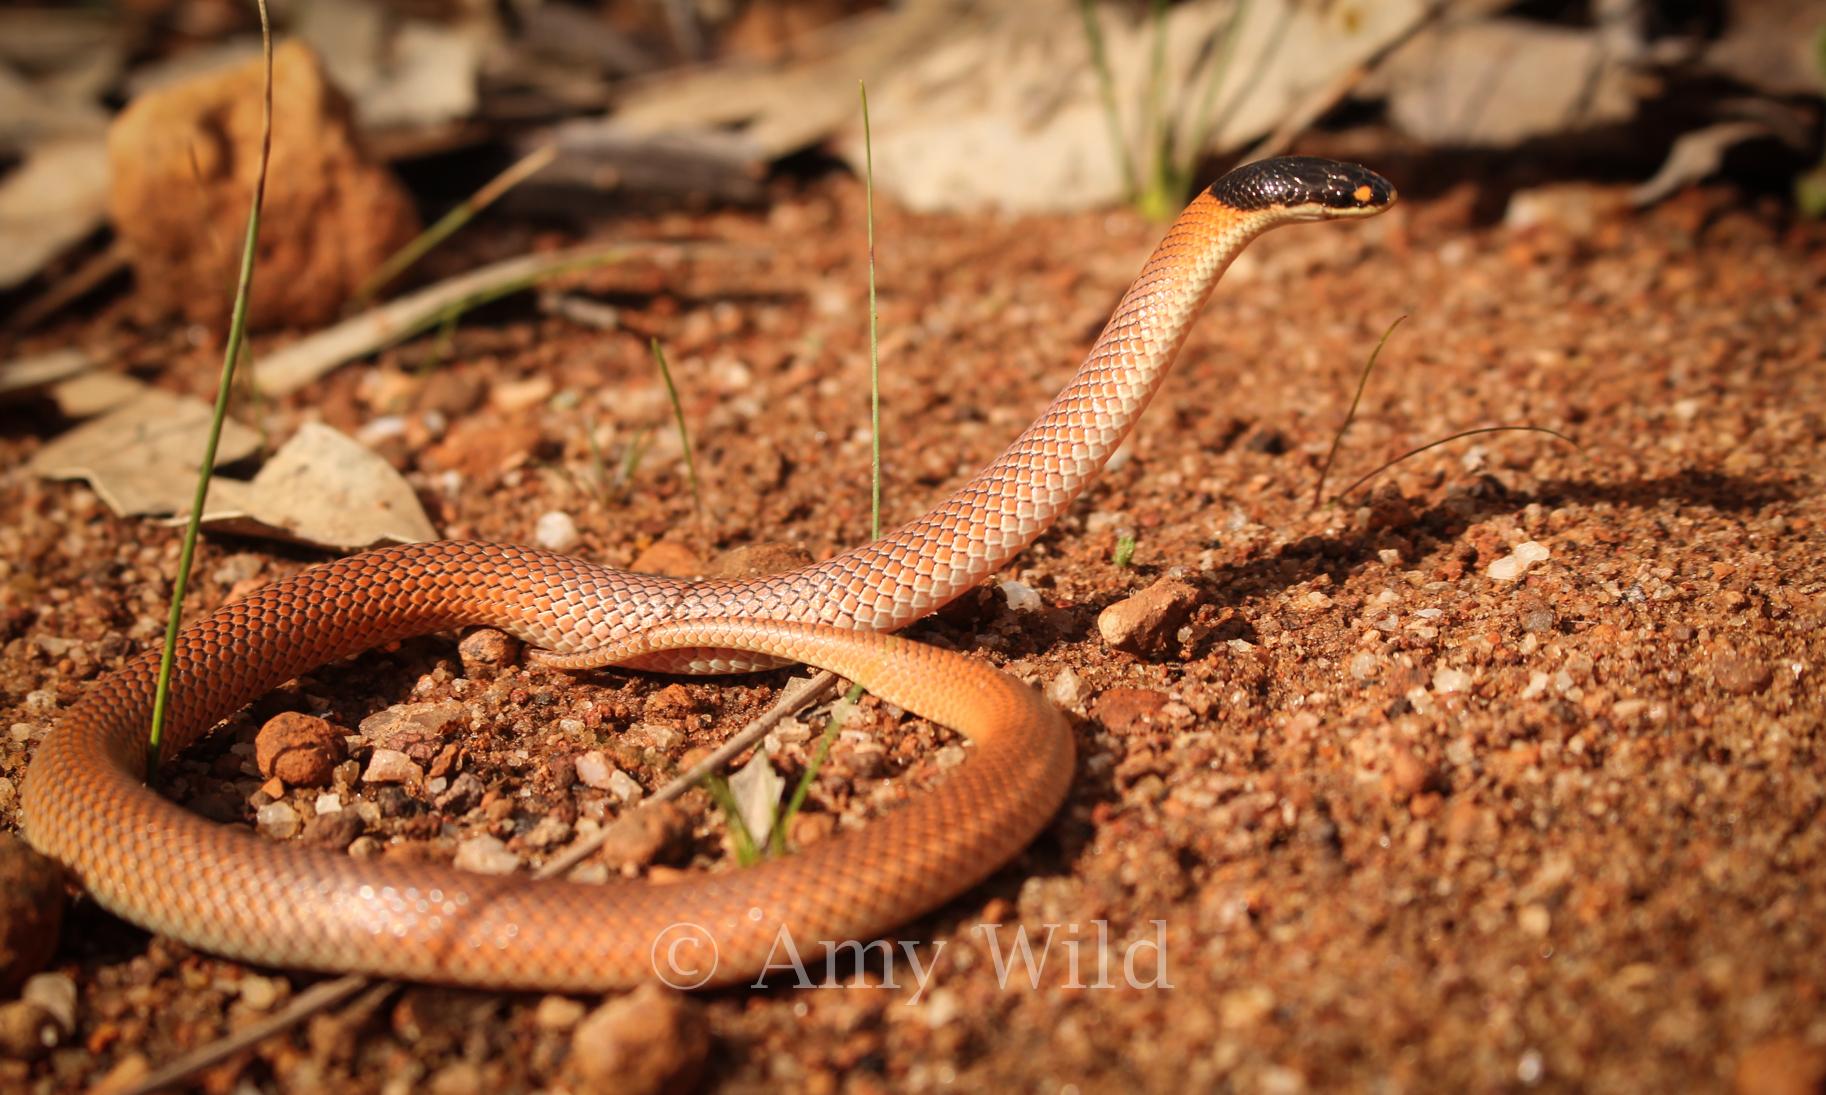 Australian Snake